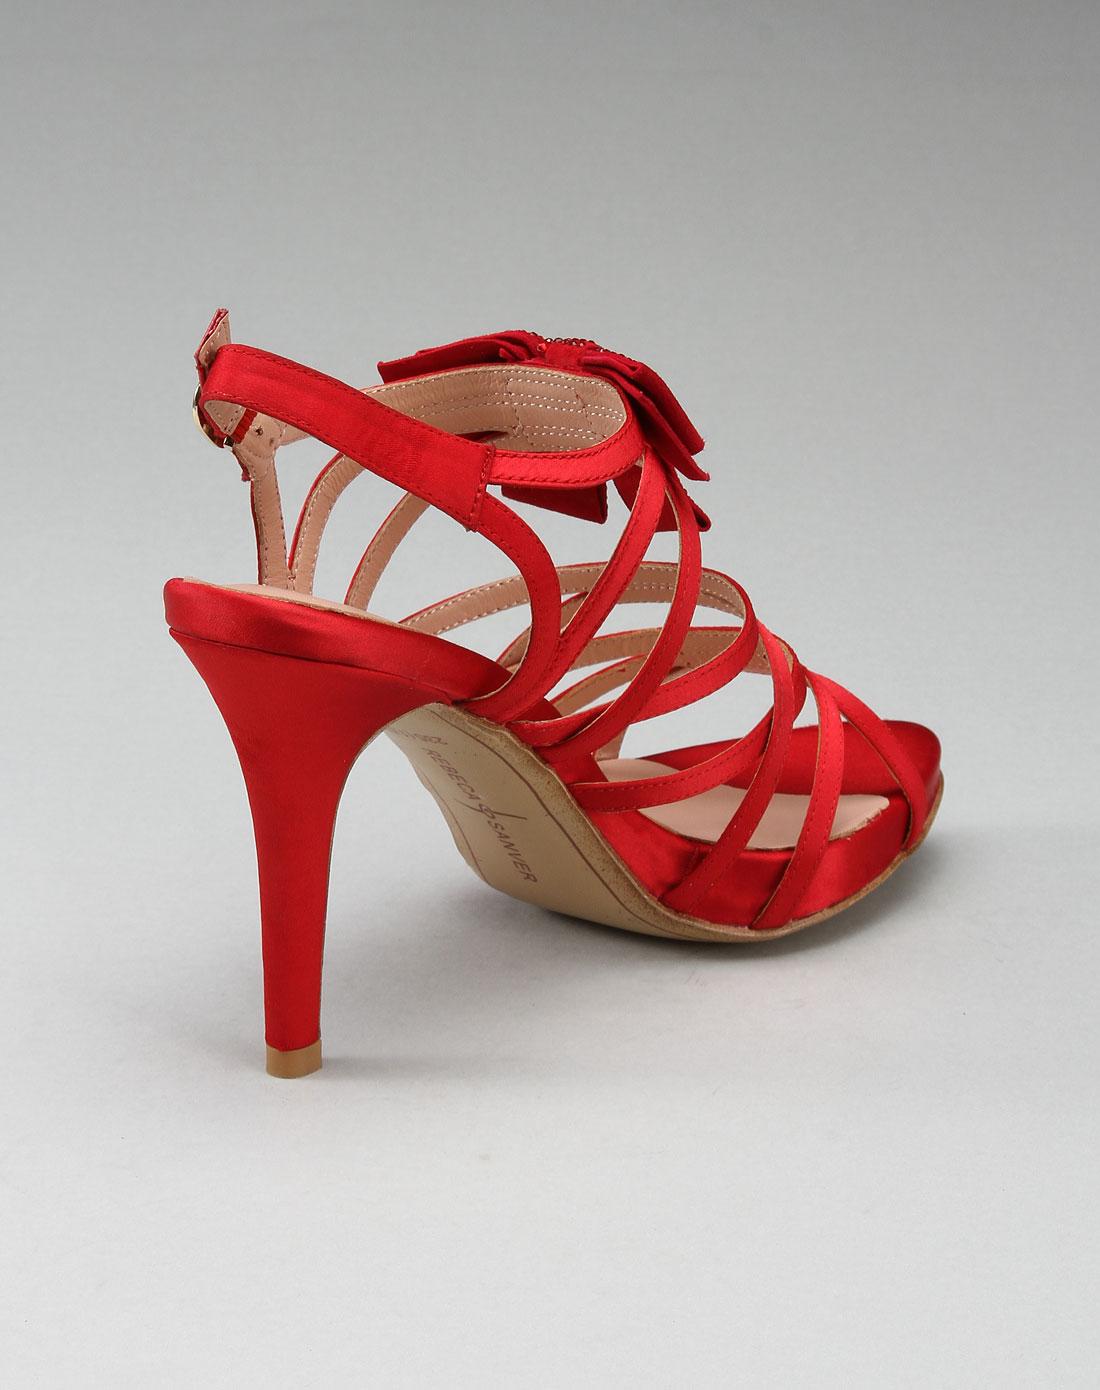 女款时尚奢华高跟凉鞋红色